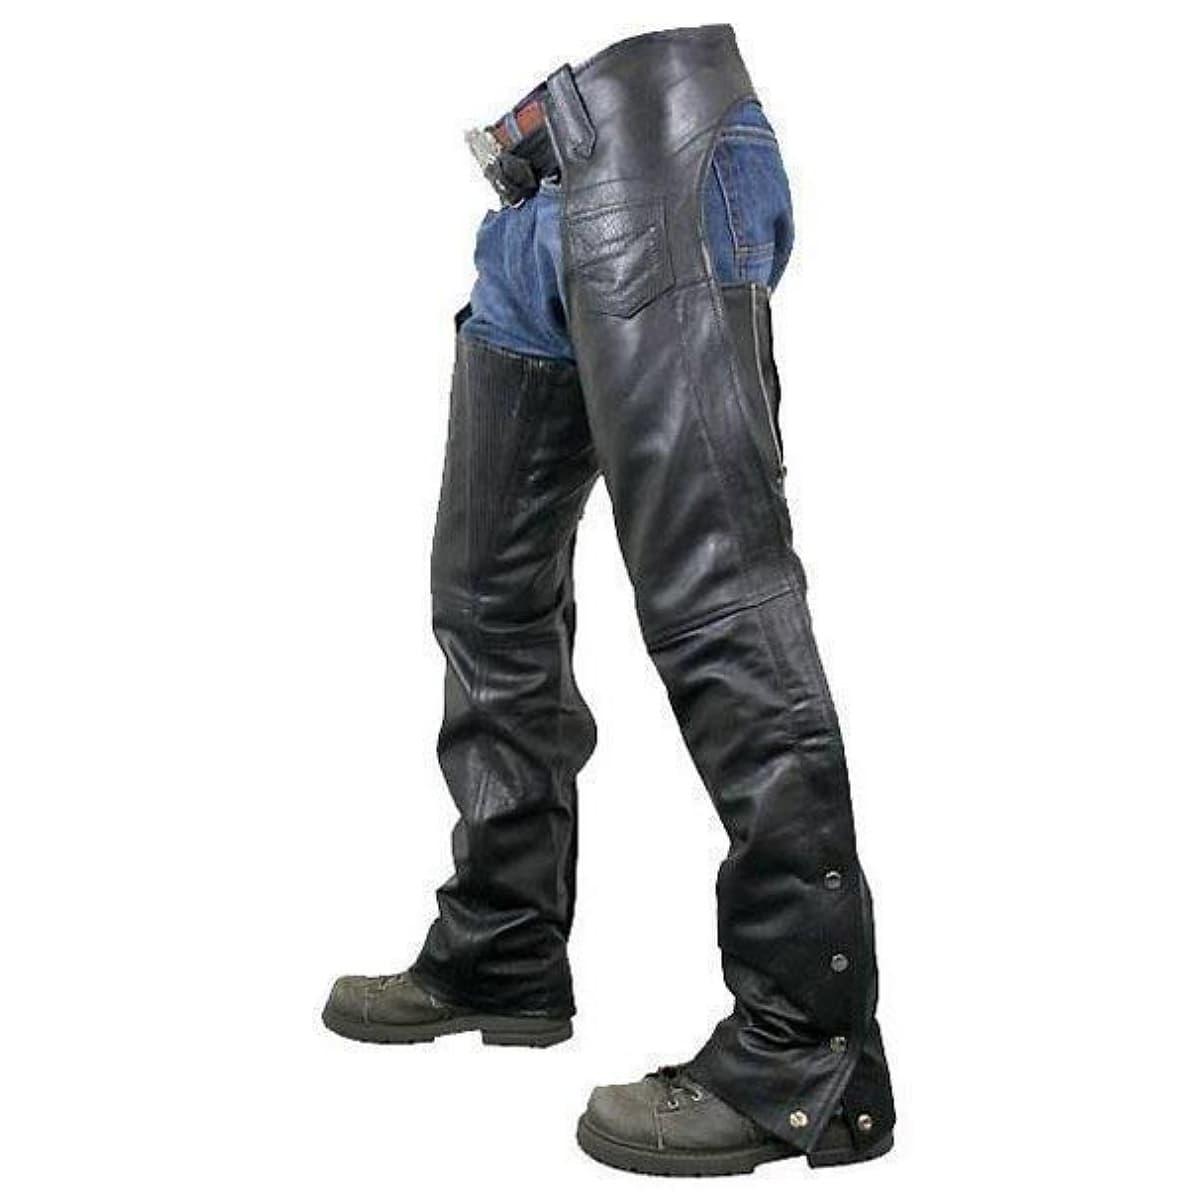 【送料無料!】日本未発売! 米国直輸入! 本革製 [Xelement Men's 7554 Black Advanced Dual Comfort Leather Chaps] メンズ ブラック レザー チャップス! ウエスト調節可能 動きやすいギャザー&ジッパー仕様 レザーパンツ バイクに 大きいサイズ